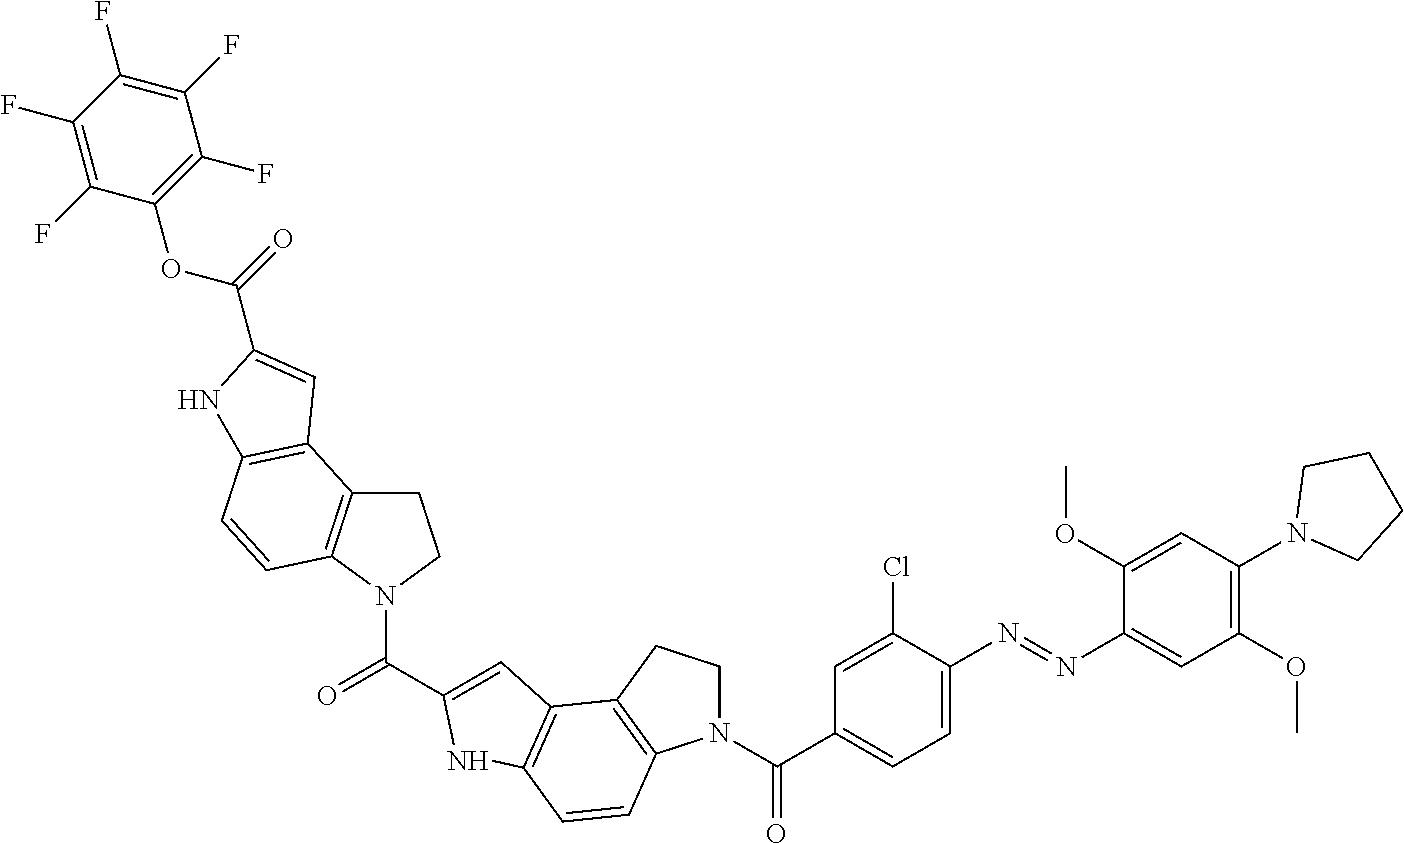 Figure US20190064067A1-20190228-C00059